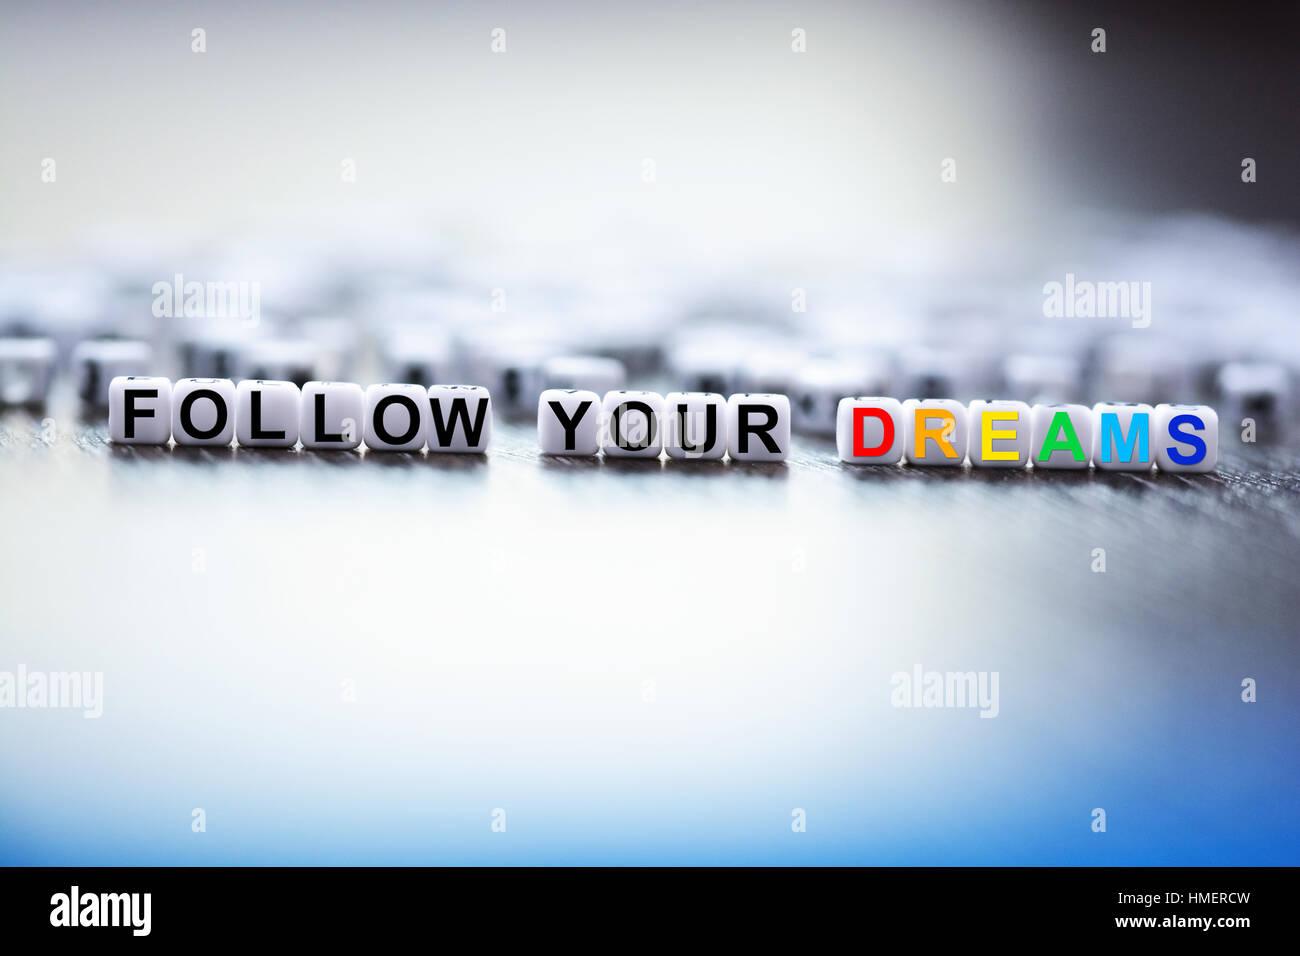 Follow your dreams concept Stock Photo